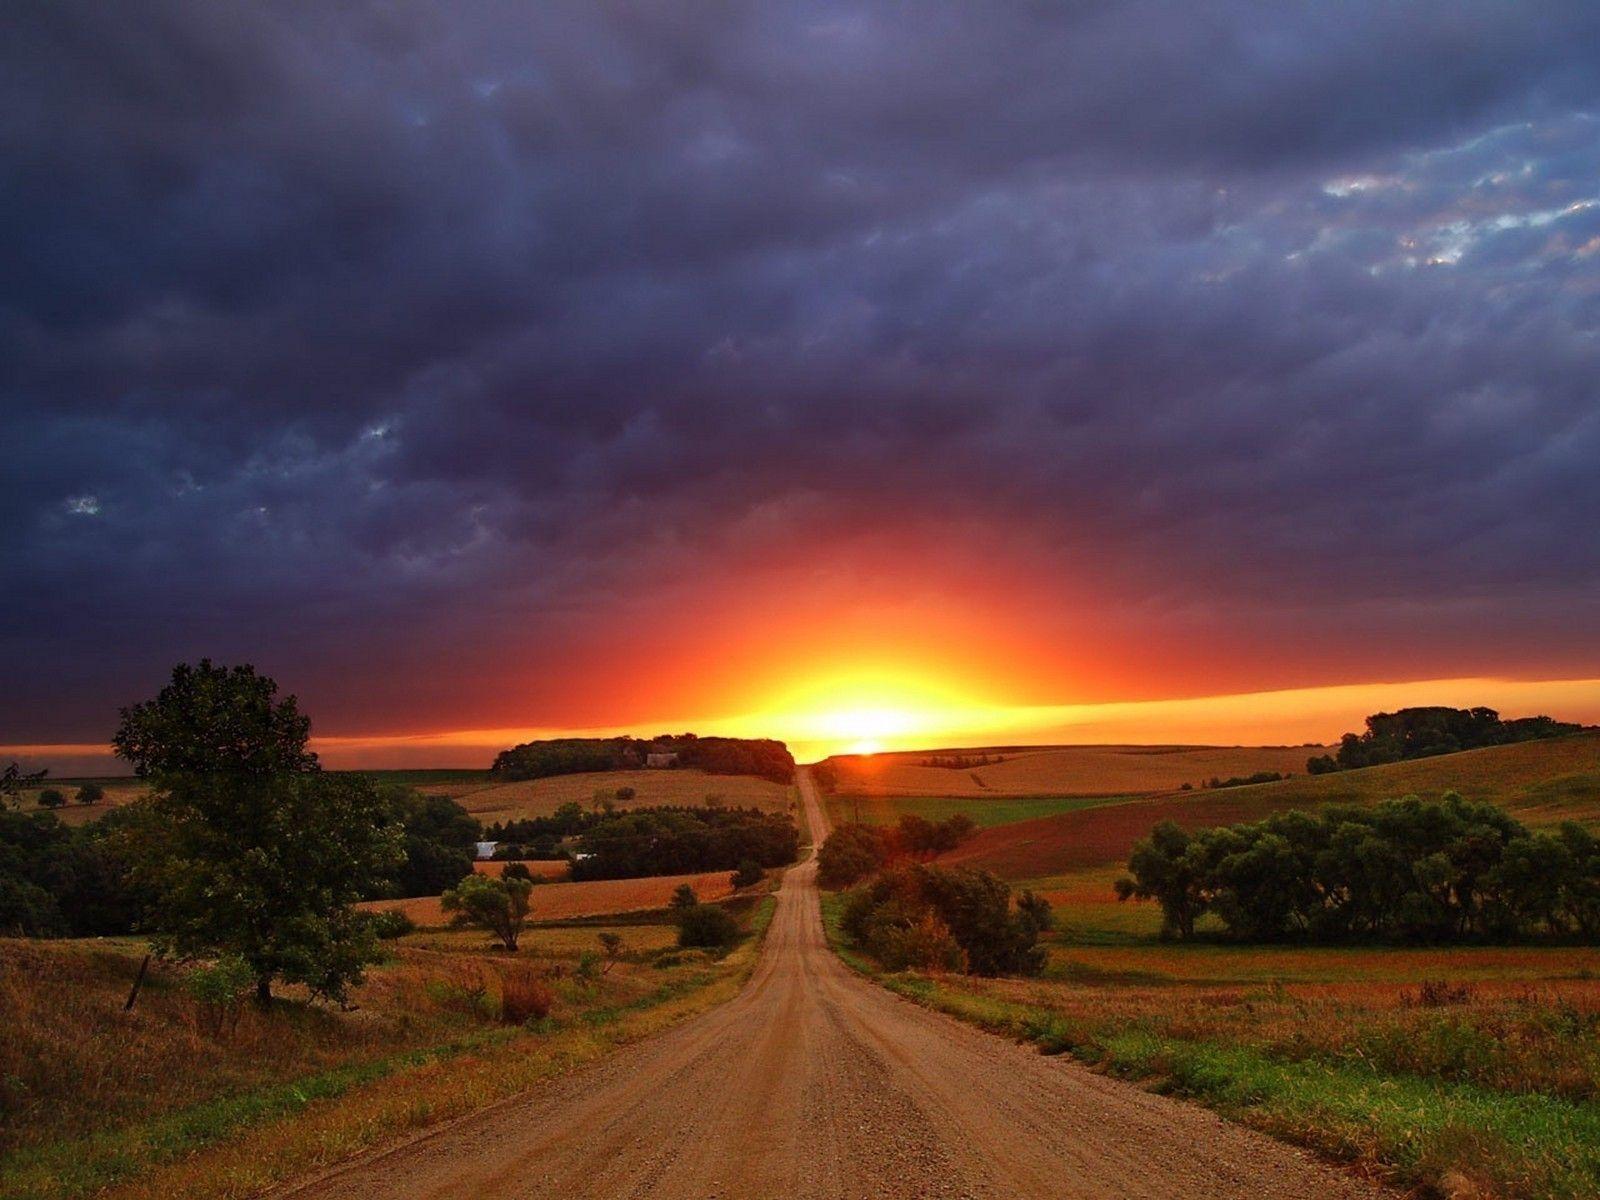 Sunset Wallpapers Free Download Hd Latest Beautiful Wonderful